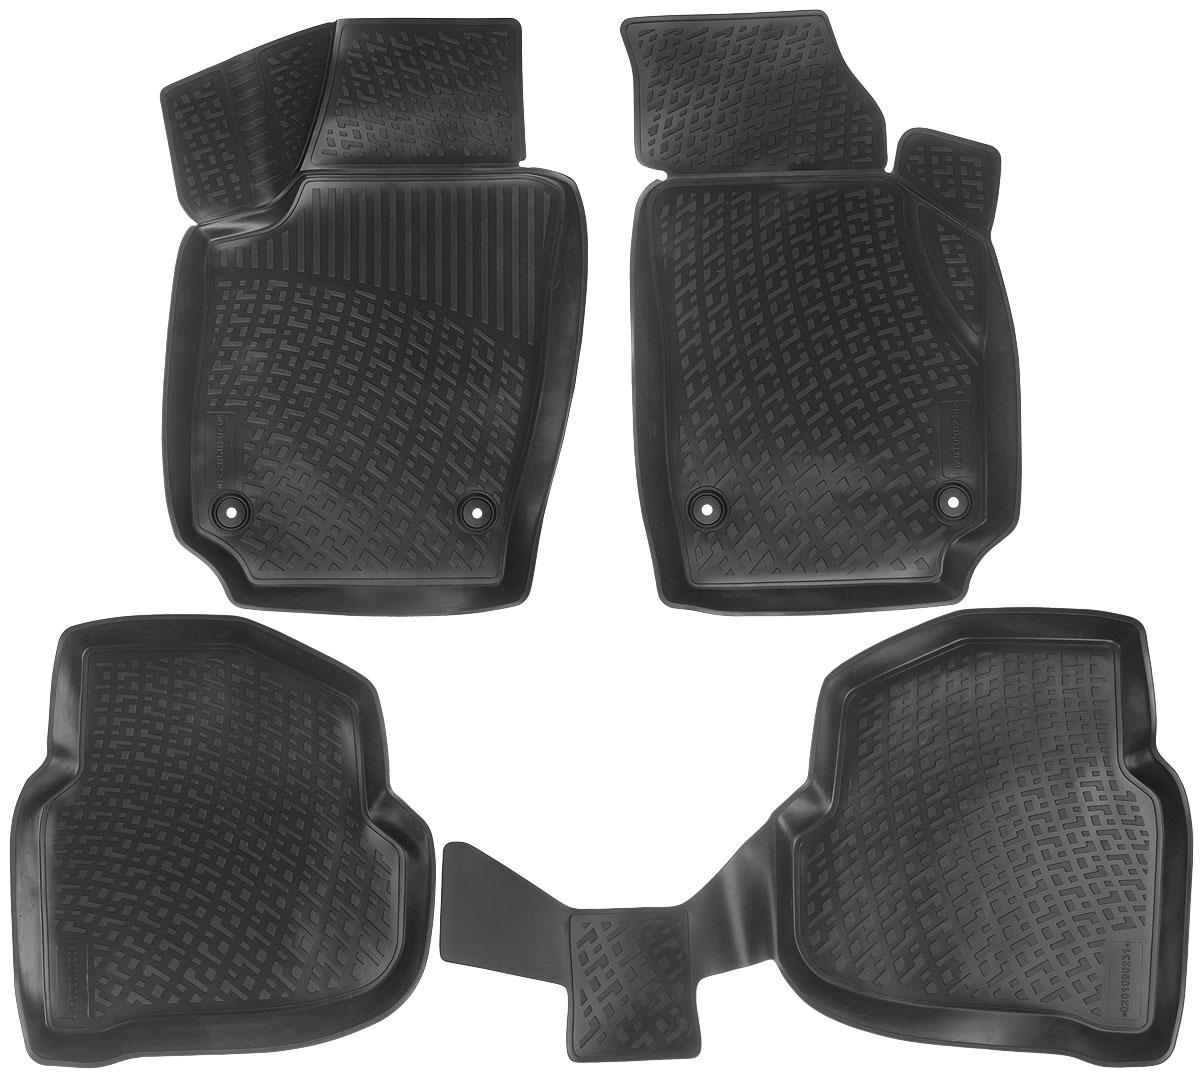 Набор автомобильных ковриков L.Locker Volkswagen Polo V Sedan 2010, в салон, 4 шт0201090201Набор L.Locker Volkswagen Polo V Sedan 2010, изготовленный из полиуретана, состоит из 4 антискользящих 3D ковриков, которые производятся индивидуально для каждой модели автомобиля. Изделие точно повторяет геометрию пола автомобиля, имеет высокий борт, обладает повышенной износоустойчивостью, лишено резкого запаха и сохраняет свои потребительские свойства в широком диапазоне температур от -50°С до +50°С. Комплектация: 4 шт. Размер ковриков: 78 см х 49 см; 57 см х 54,5 см; 98 см х 57 см; 53 см х 77 см.